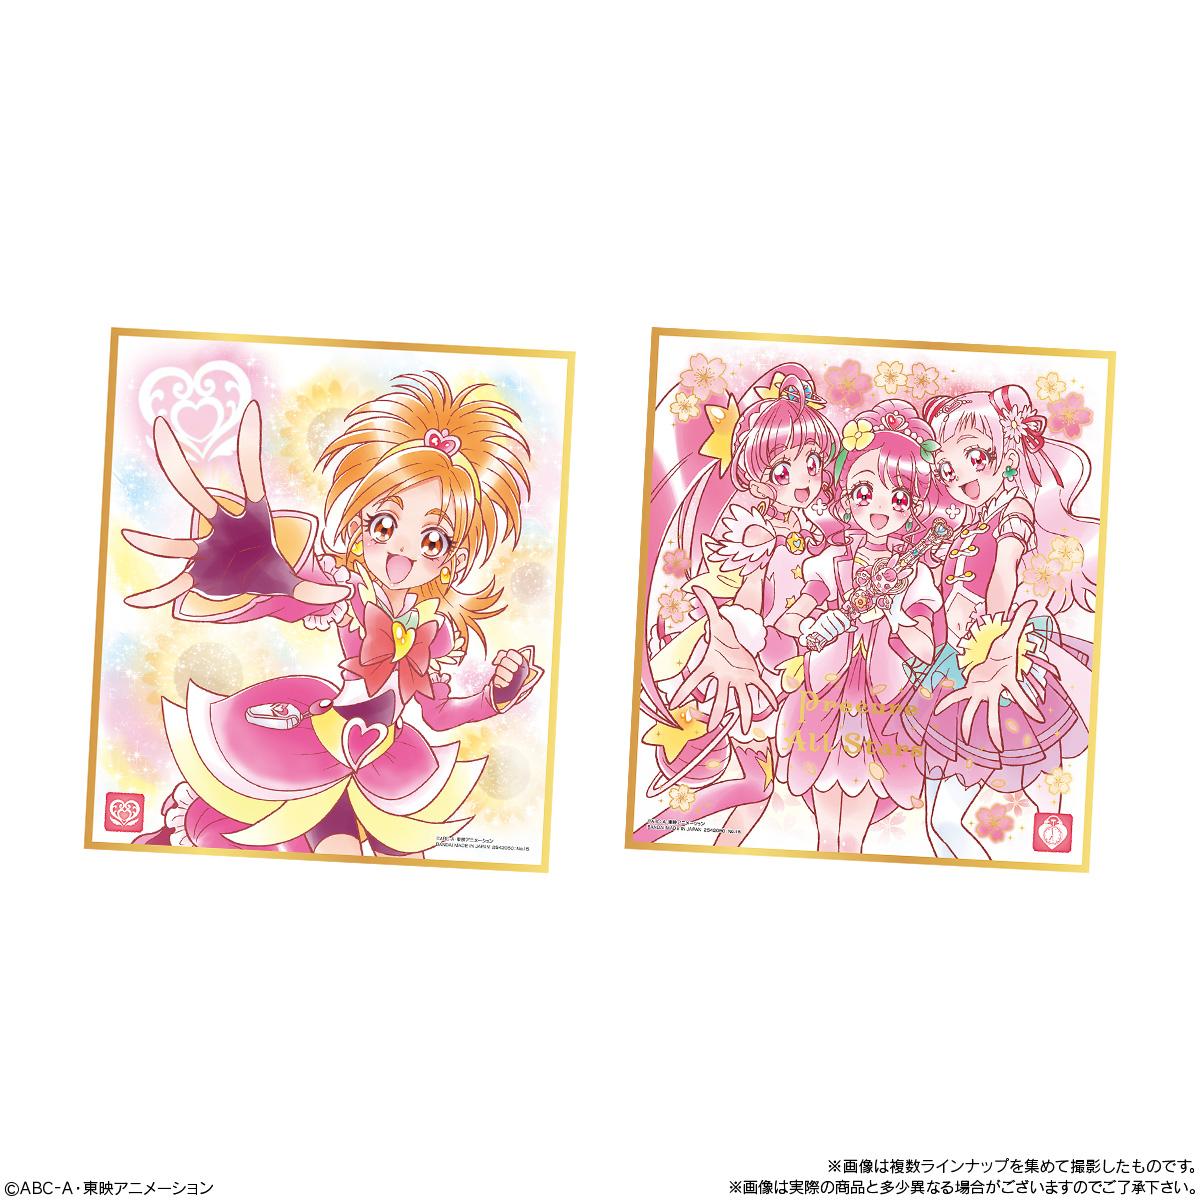 【食玩】プリキュア『プリキュア 色紙ART3』10個入りBOX-006